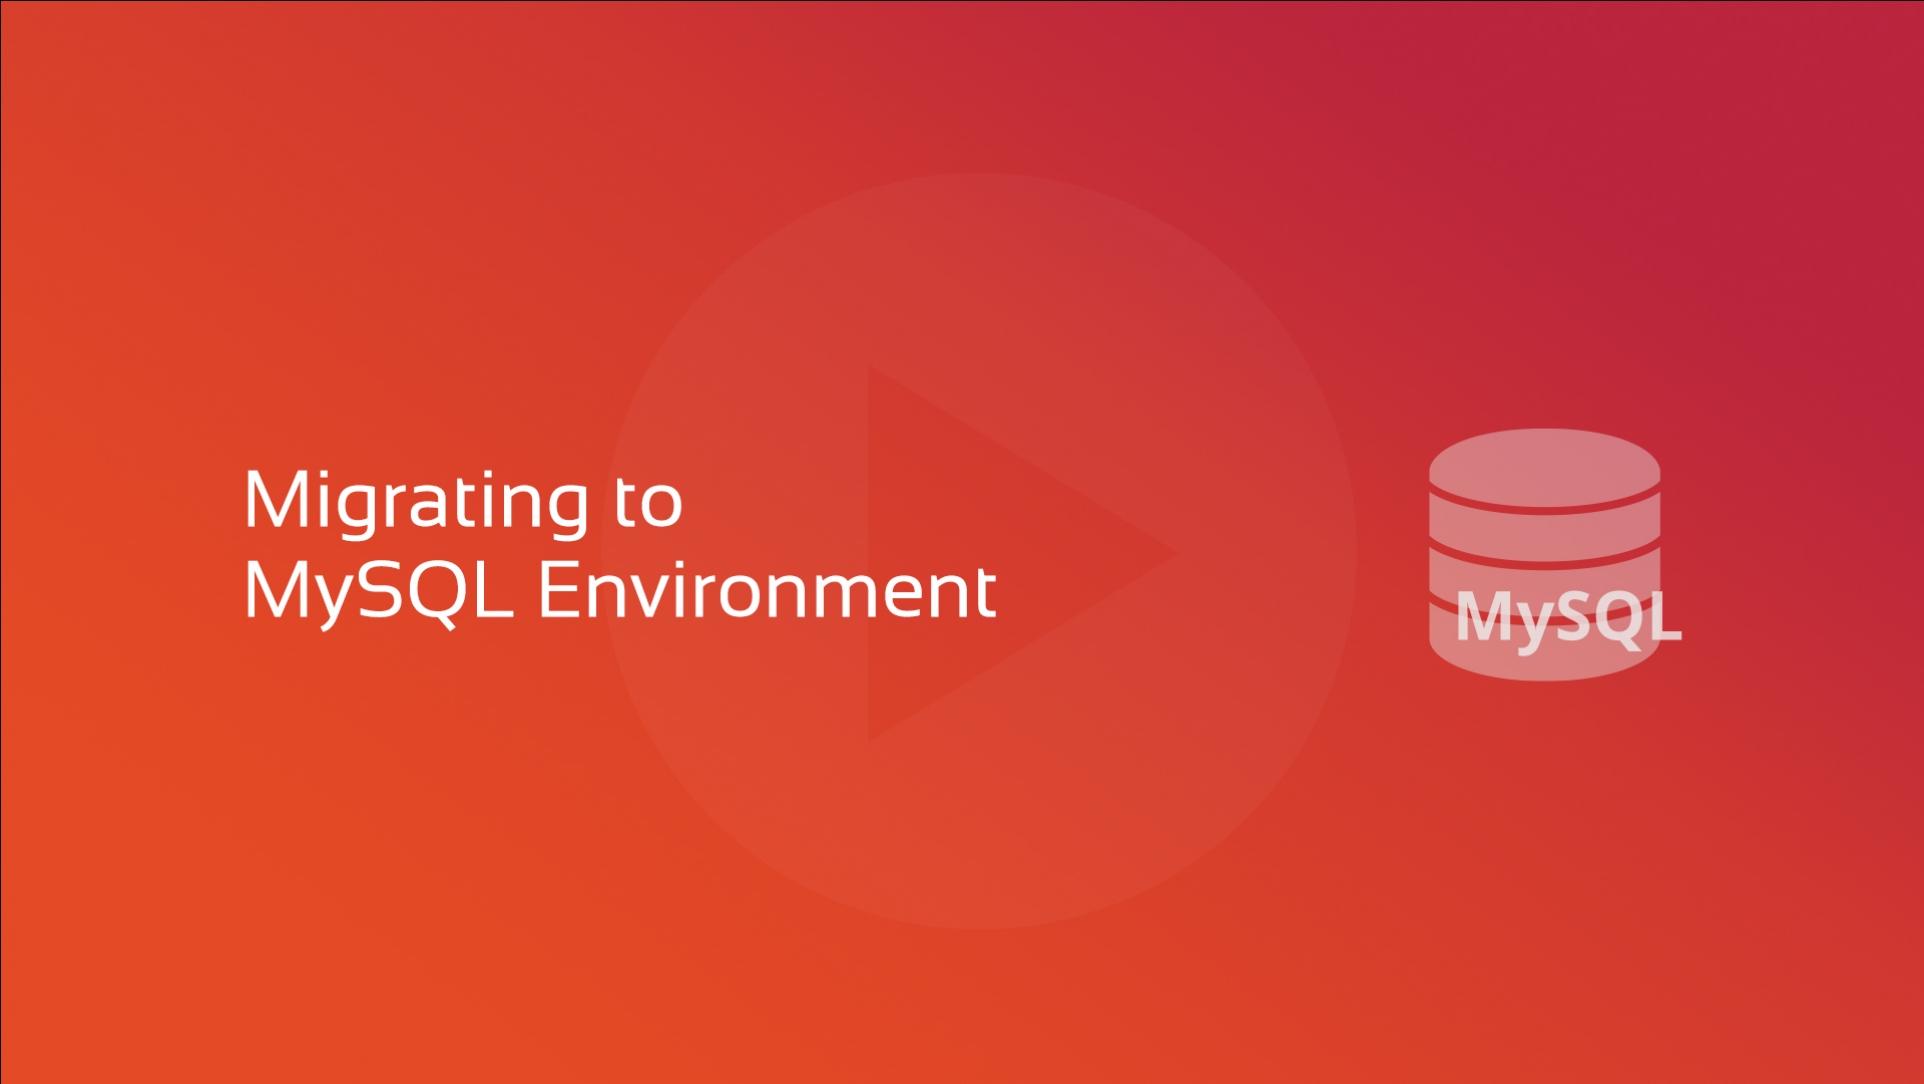 2019-12-09 Migrating to MySQL Environment OG